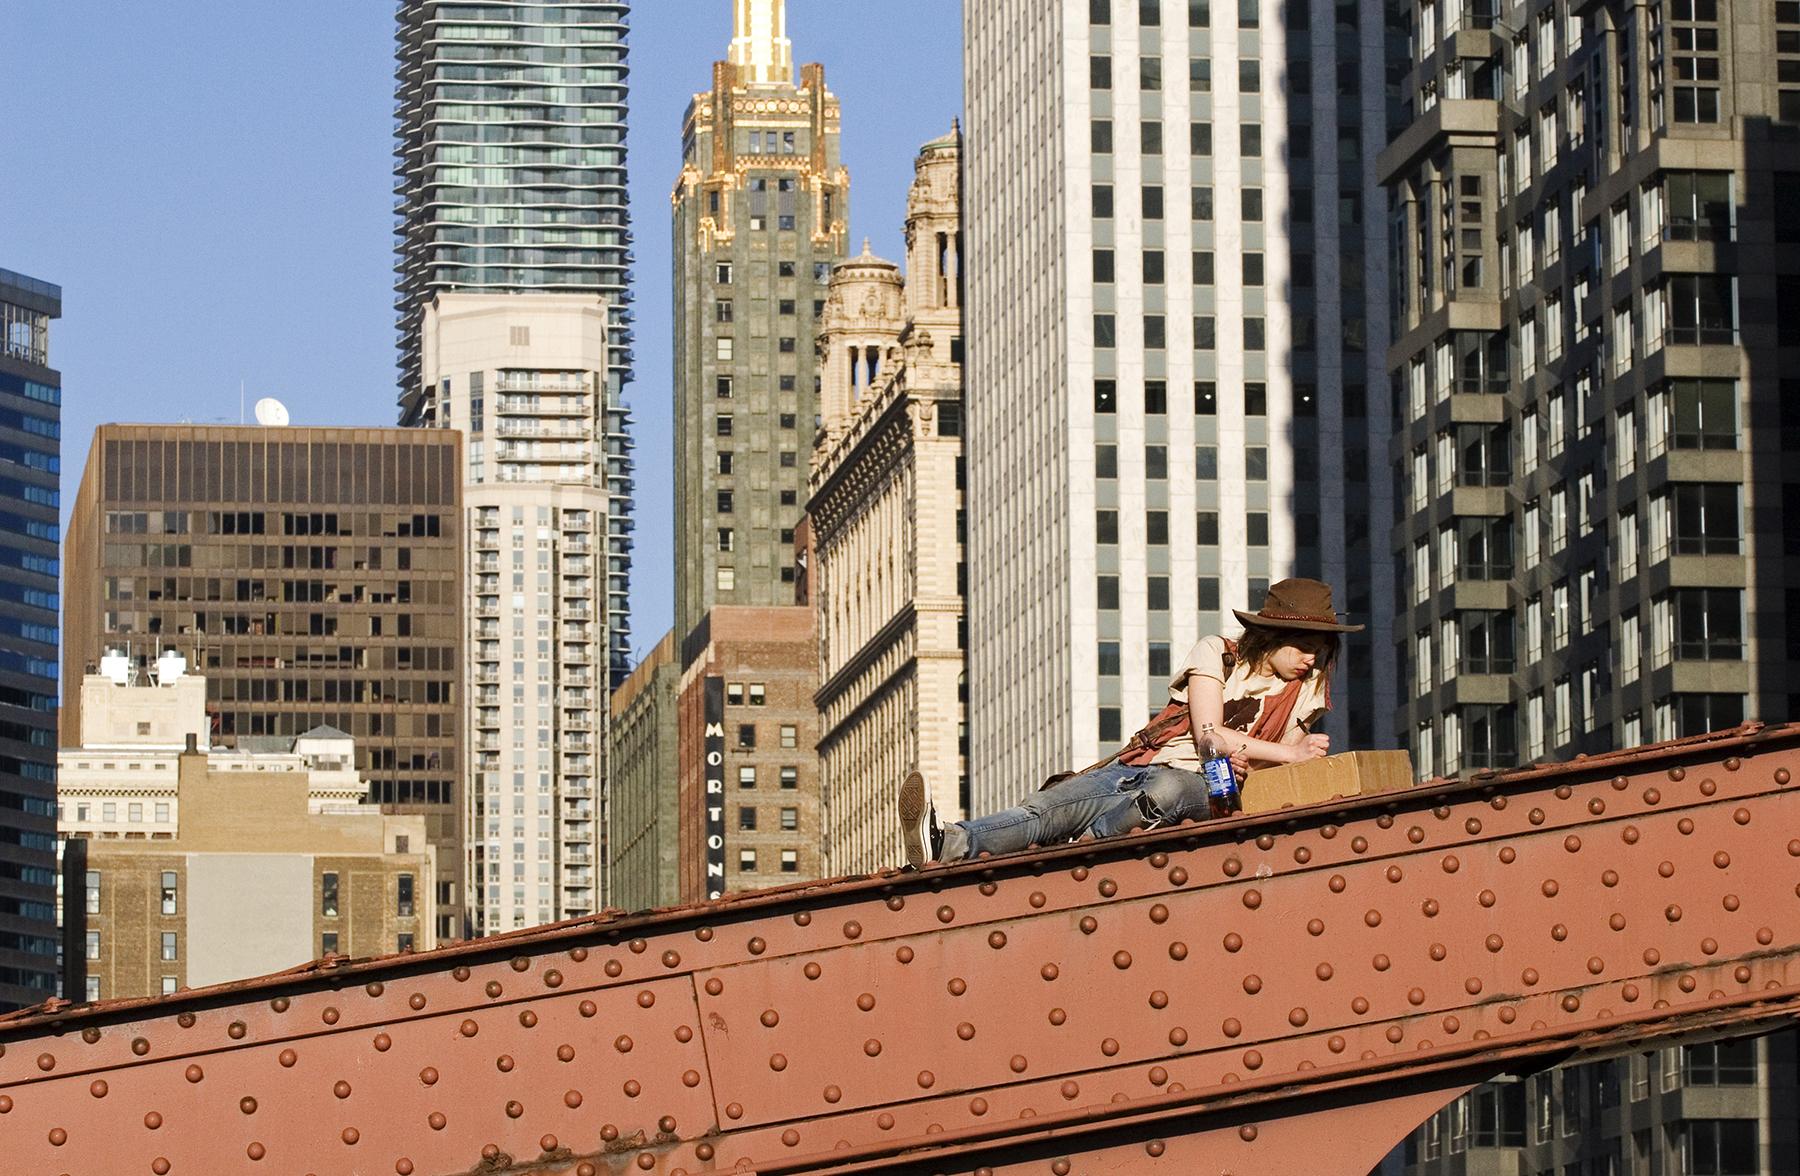 Huck Finn visits Chicago